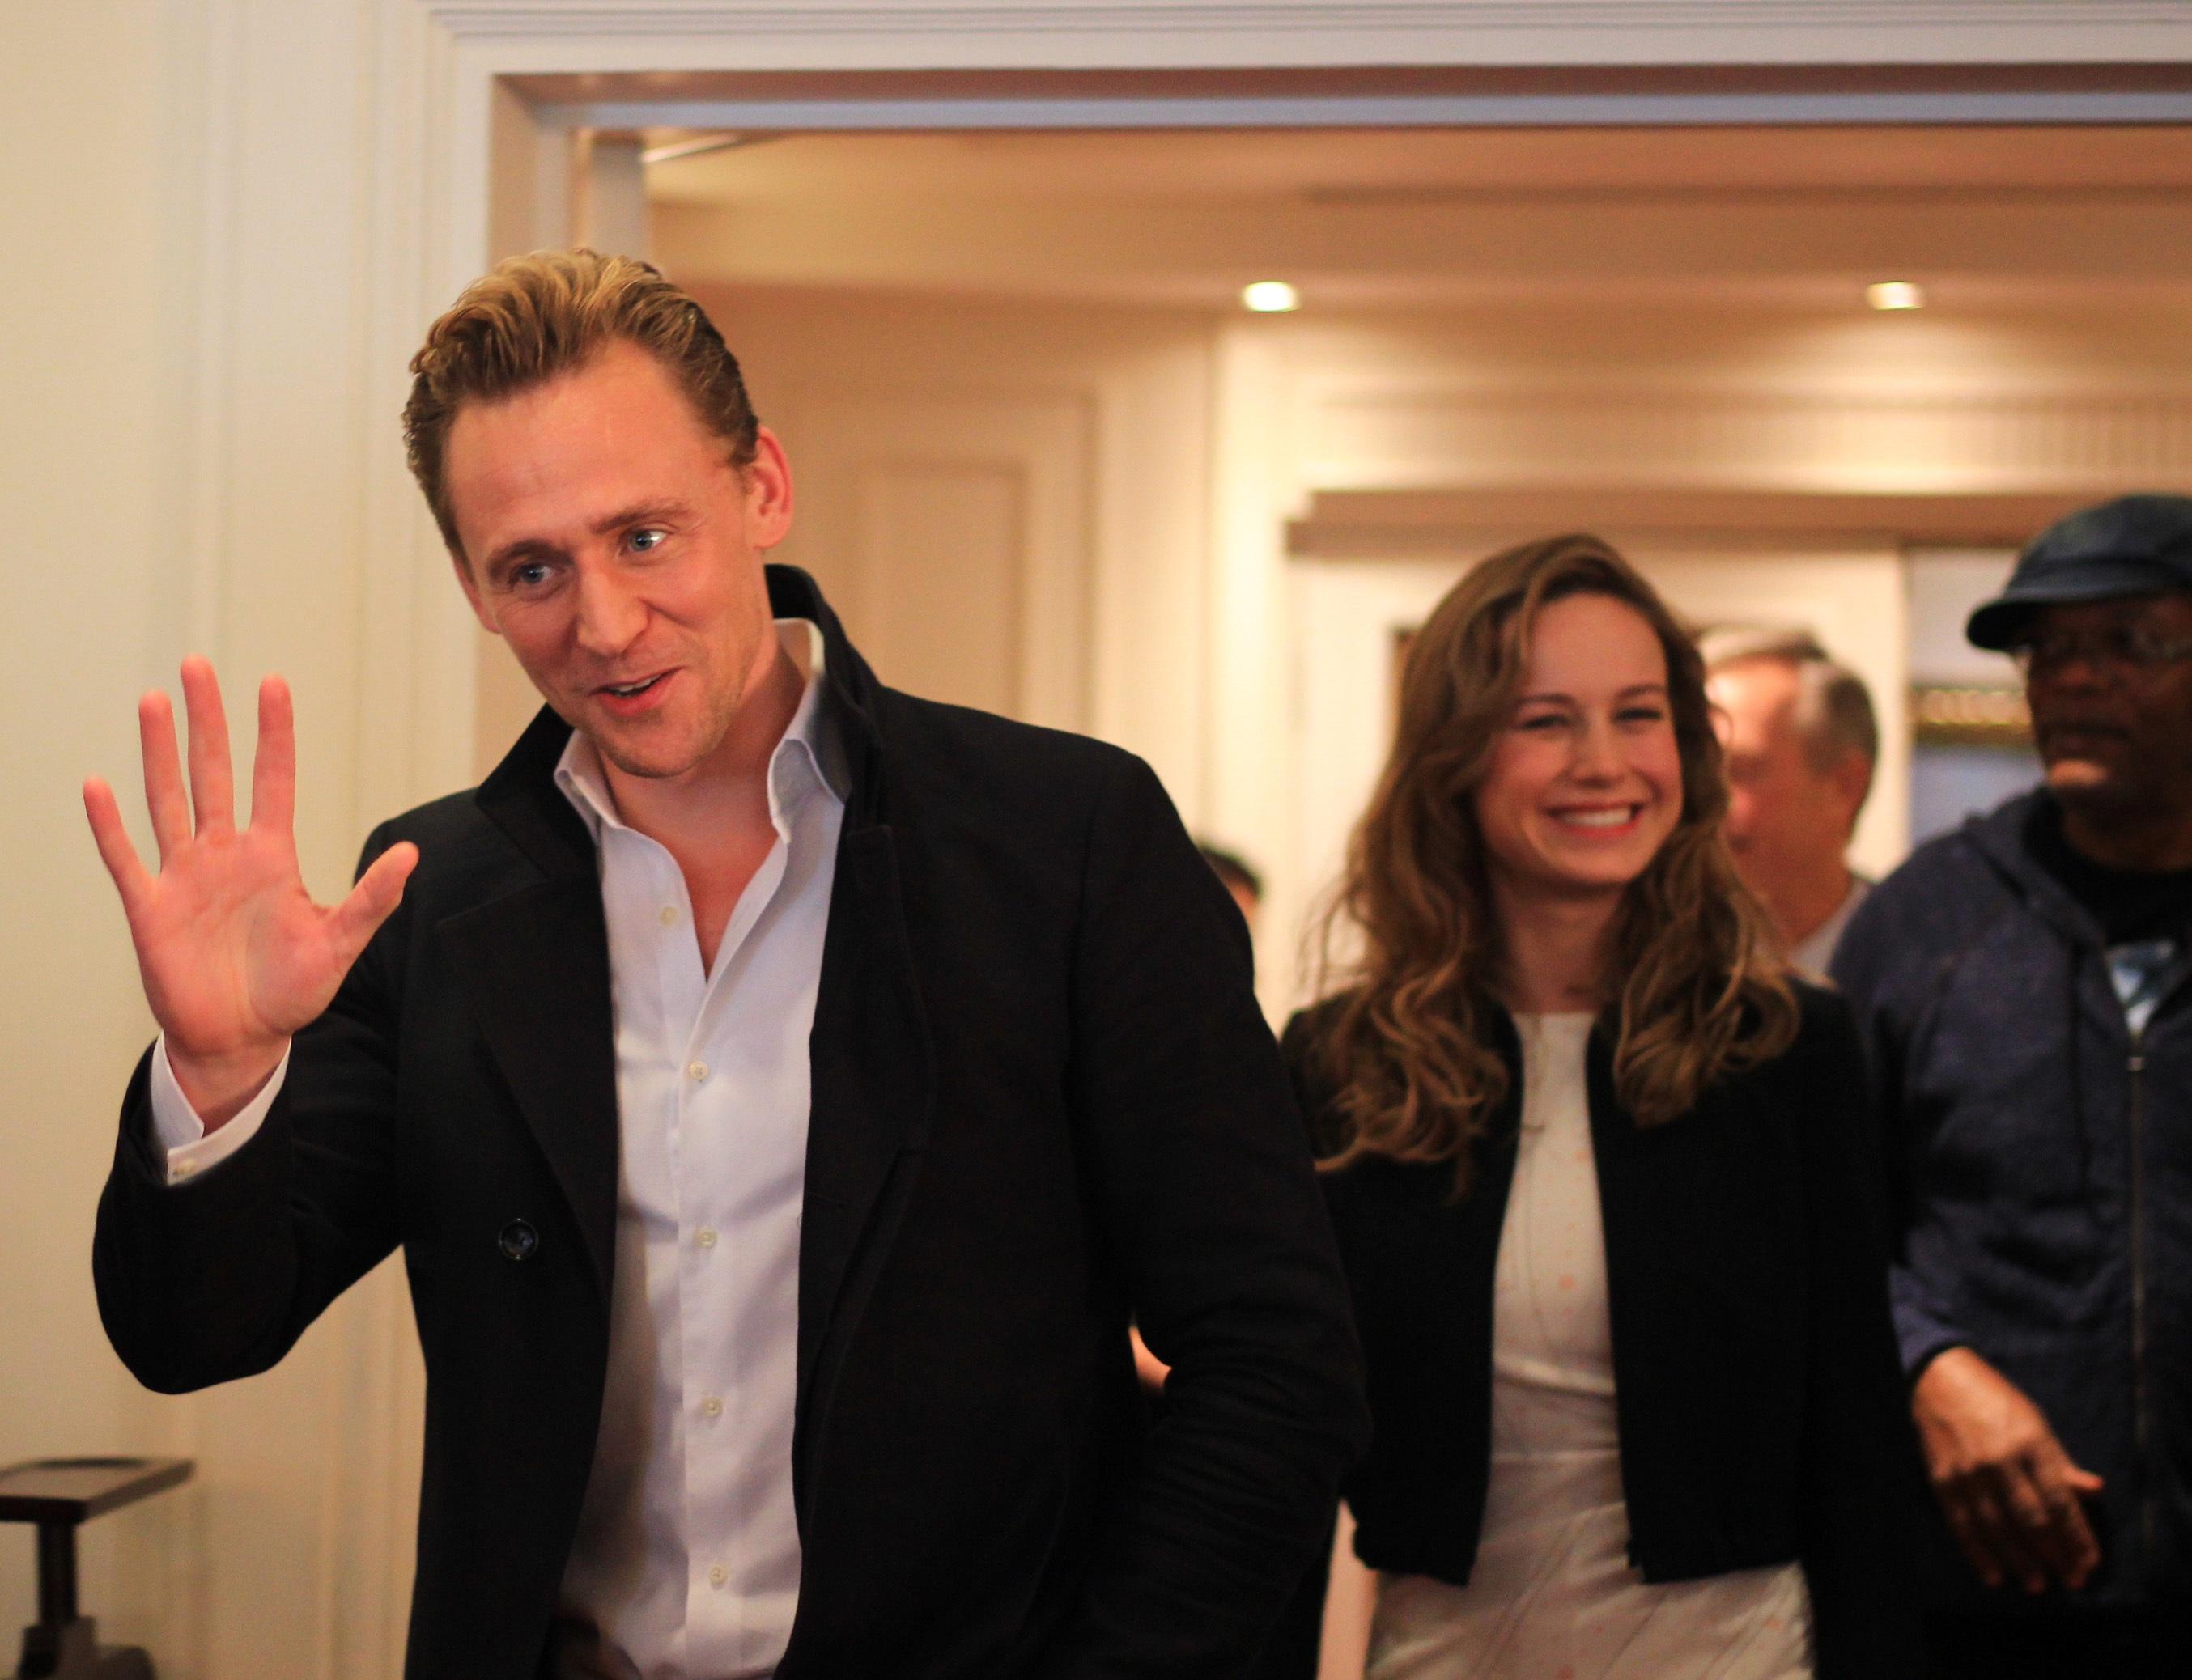 Tài tử Tom Hiddleston vừa bước vào phòng đã vẫy tay chào và nở nụ cười chết người. Đi sau anh là nữ diễn viên Brie Larson cũng cười rất tươi.